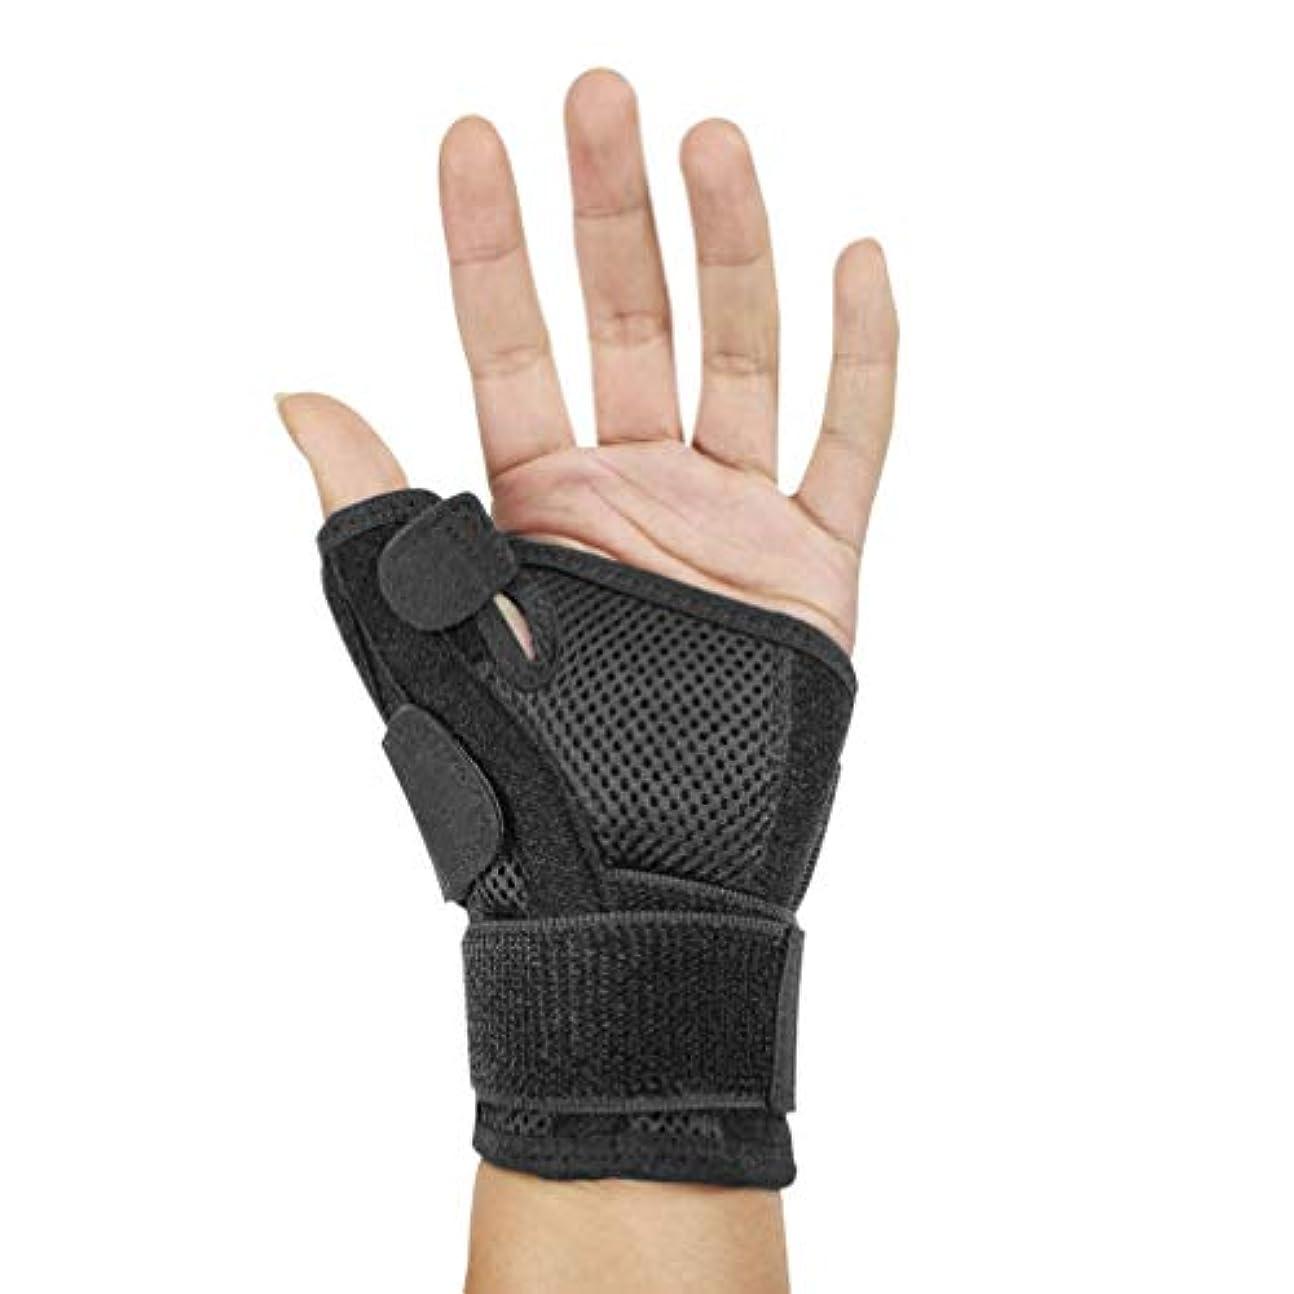 細断洞察力のあるテナントHealifty 手首用サポーター 手首固定 調節可能 スポーツ 手首サポート 女性 男性